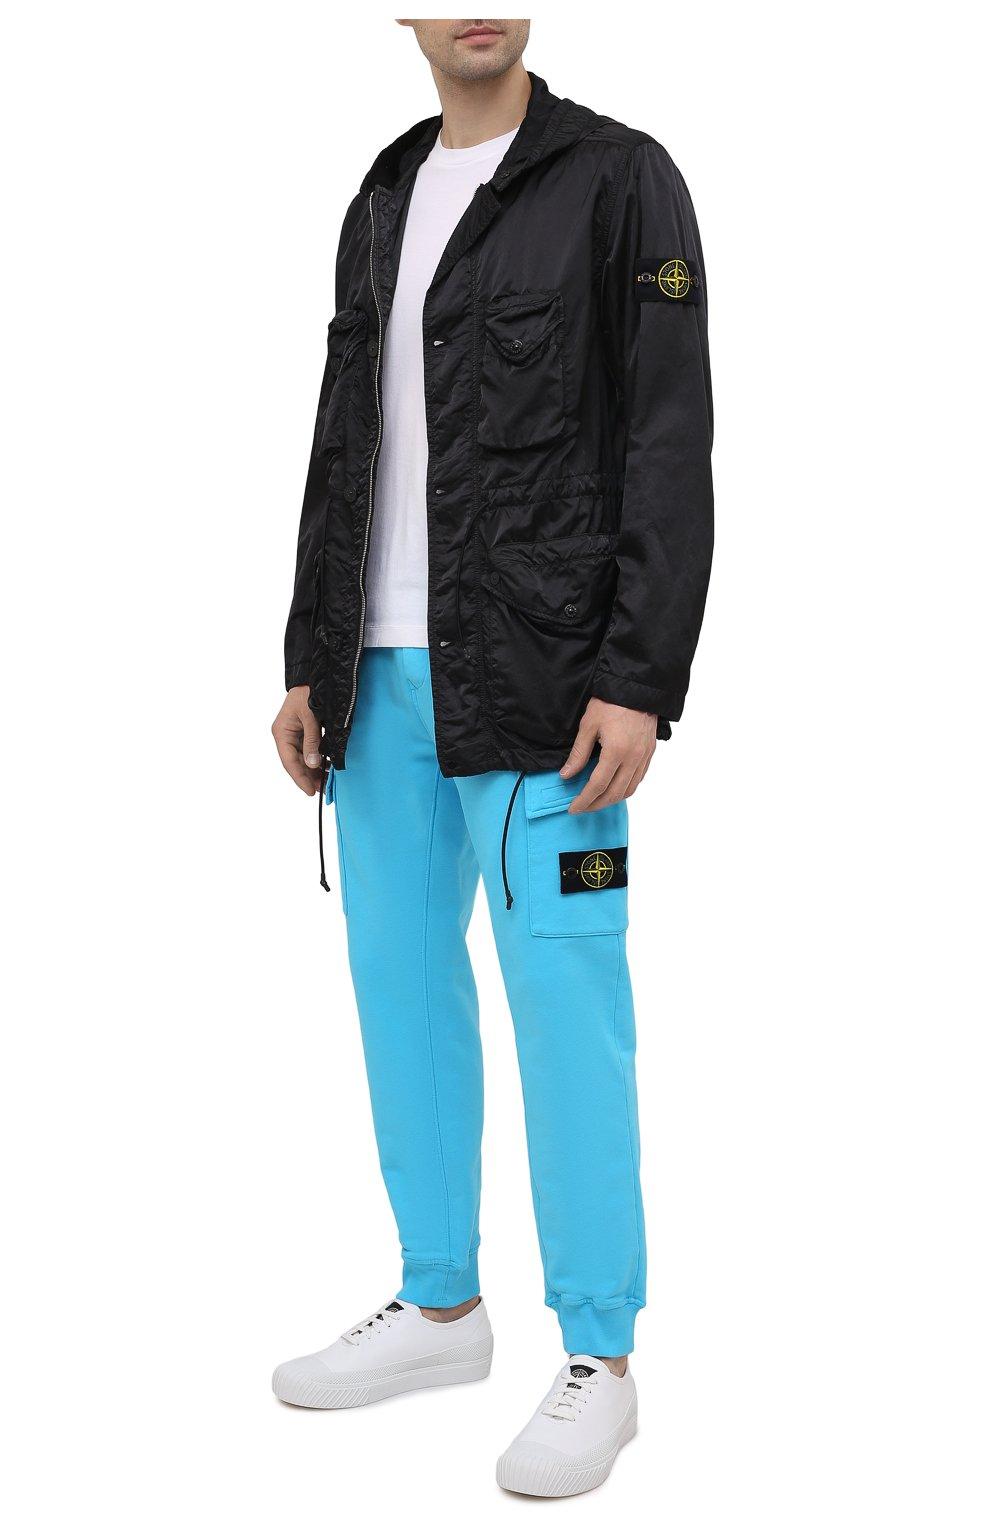 Мужские хлопковые джоггеры STONE ISLAND бирюзового цвета, арт. 741565251   Фото 2 (Мужское Кросс-КТ: Брюки-трикотаж; Длина (брюки, джинсы): Стандартные; Материал внешний: Хлопок; Стили: Спорт-шик; Силуэт М (брюки): Джоггеры)